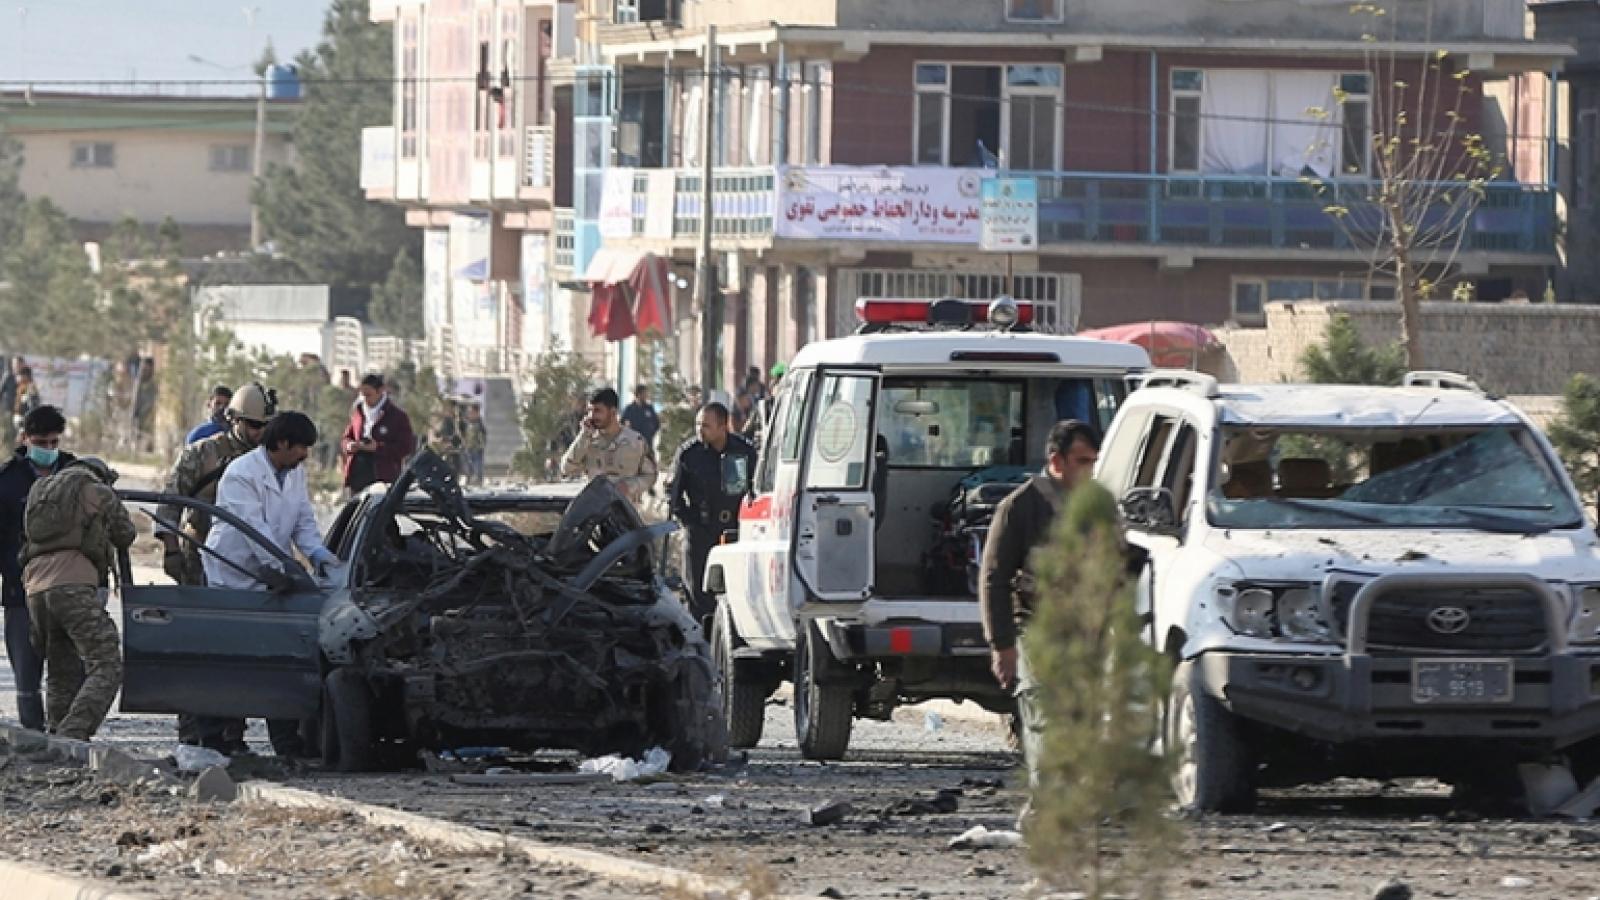 Hàng loạt xe chở xăng dầu bốc cháy ở Afghanistan khiến 7 người thiệt mạng